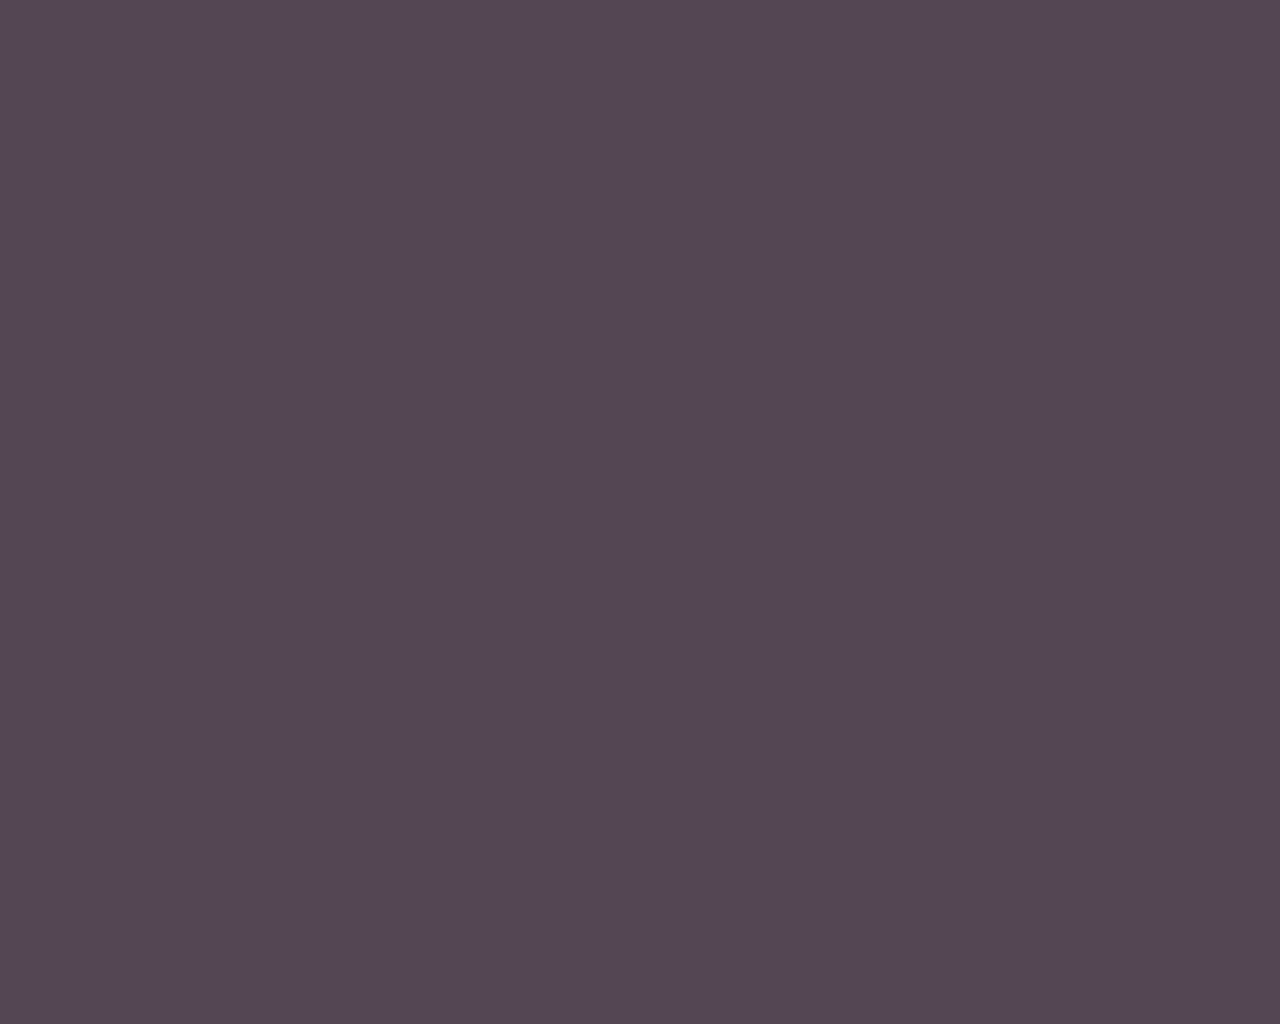 1280x1024 Quartz Solid Color Background